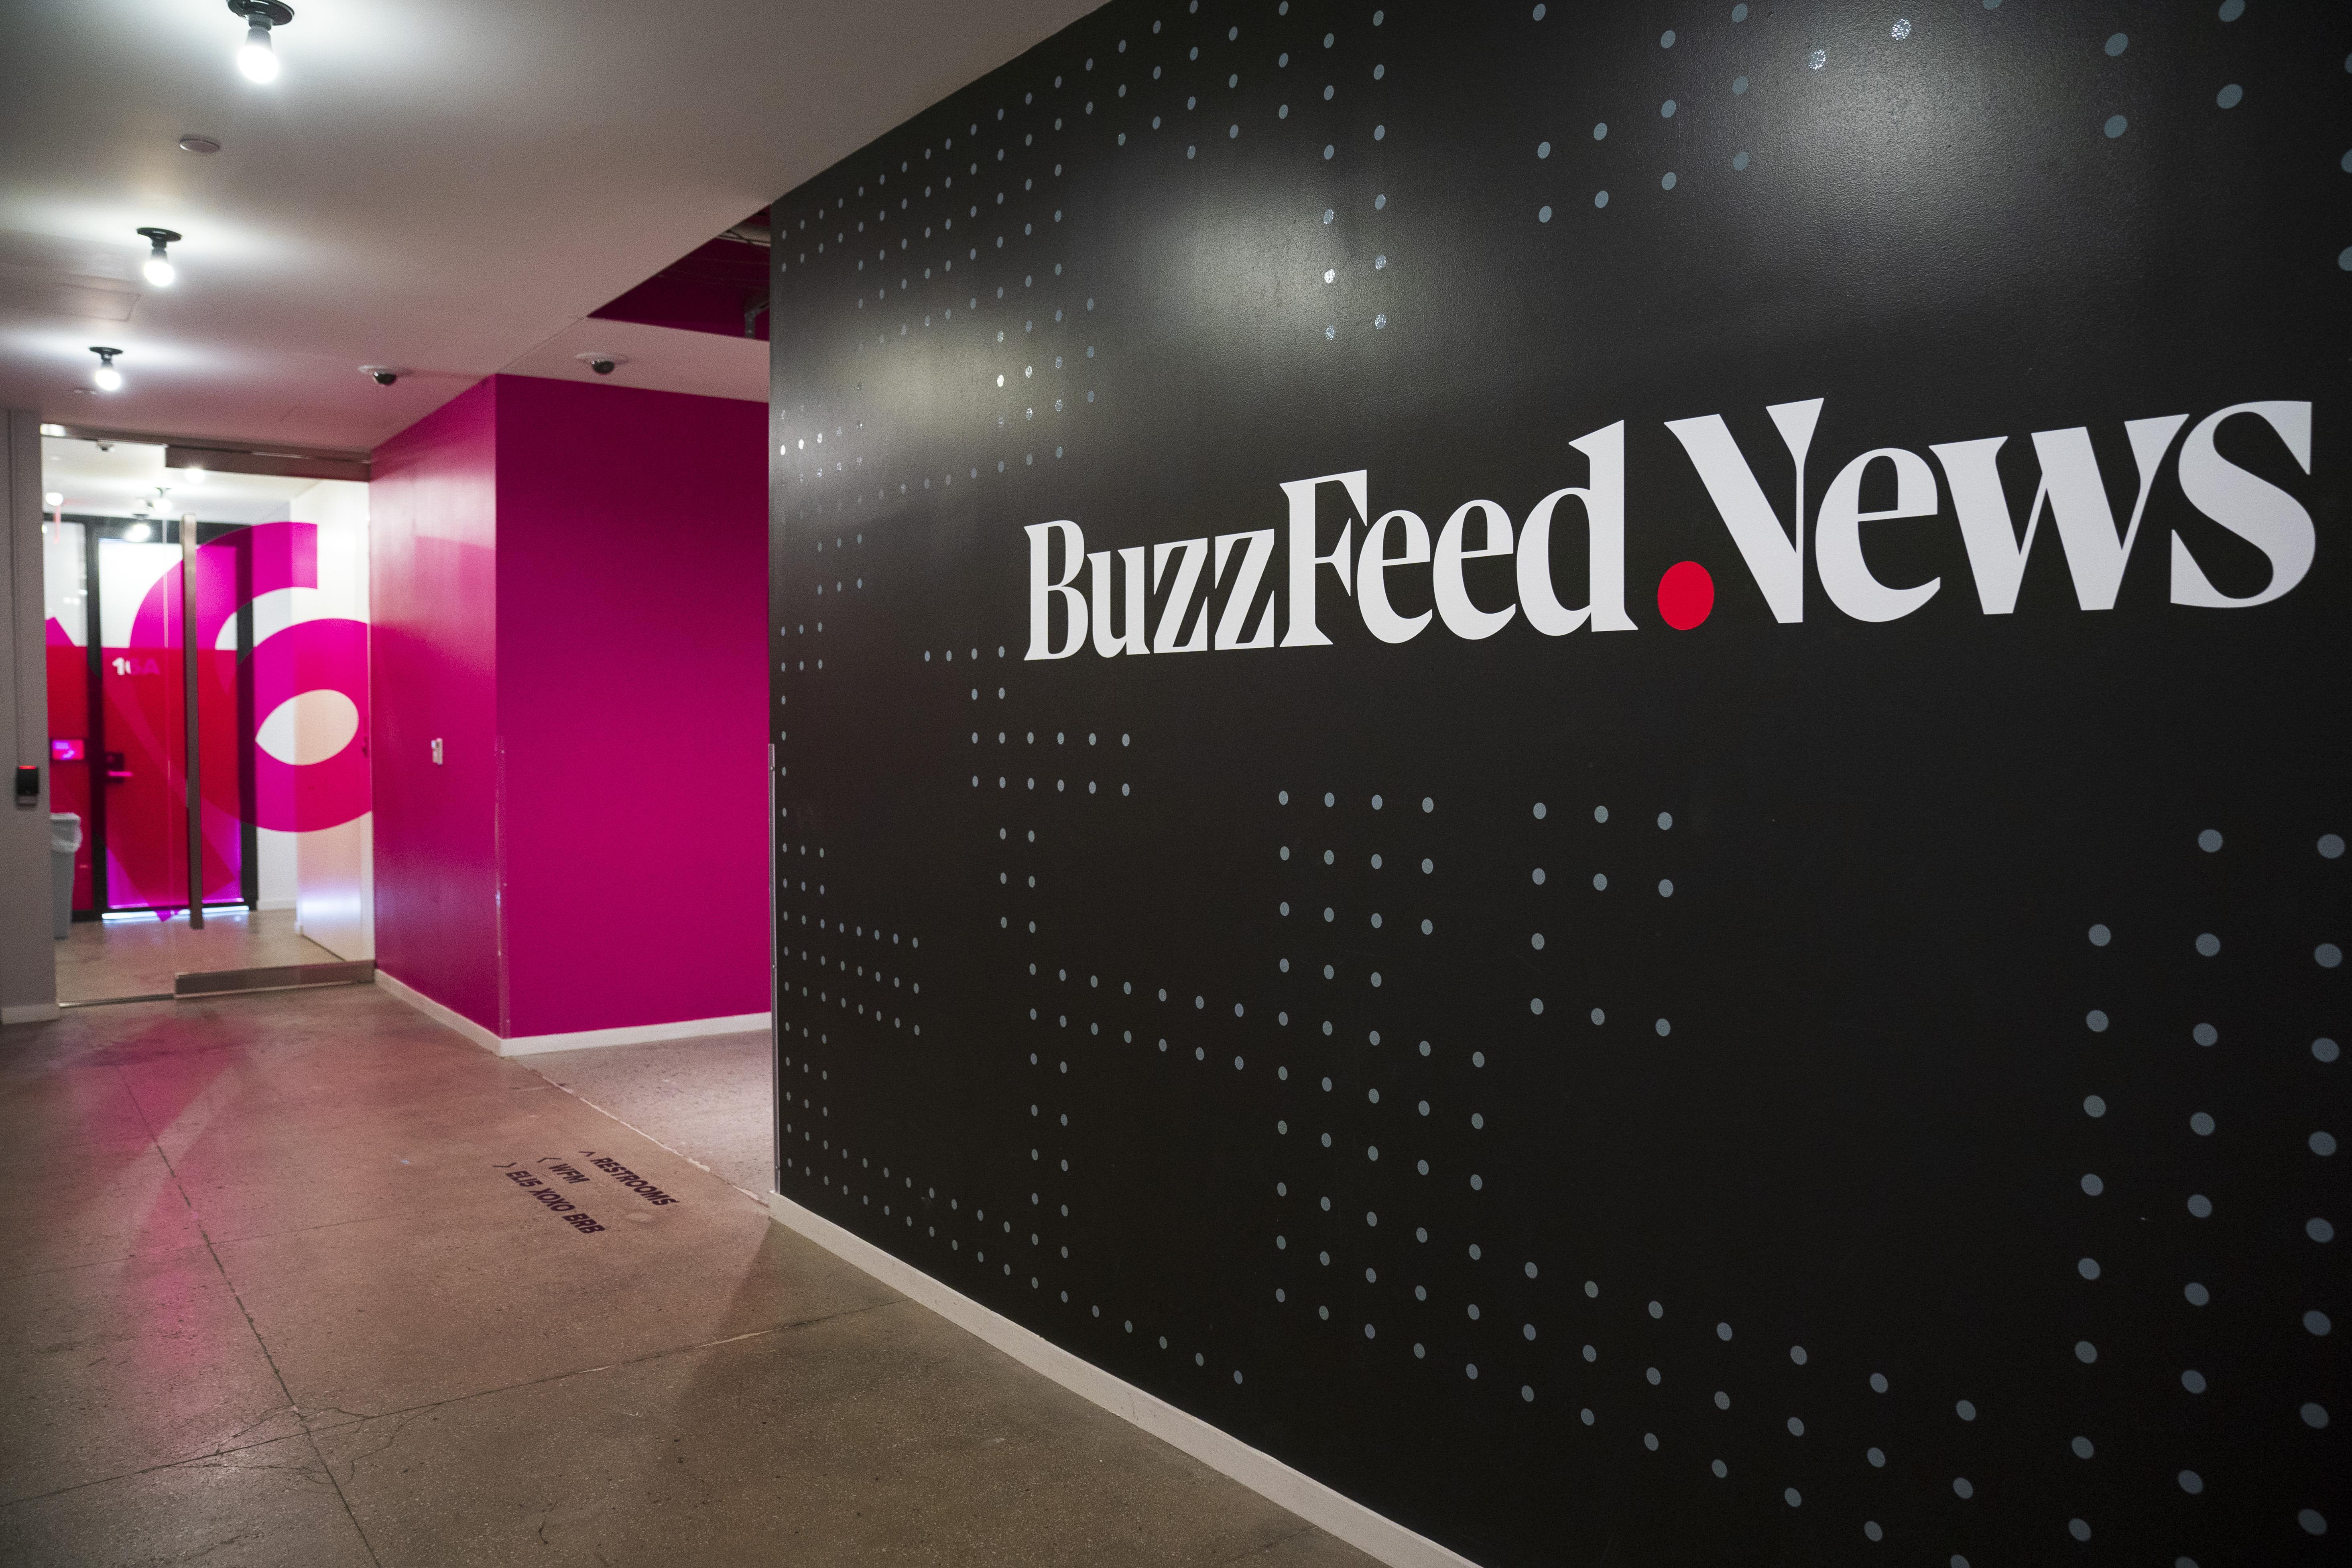 A BuzzFeed News logo inside BuzzFeed headquarters, Dec. 11, 2018 in New York City.